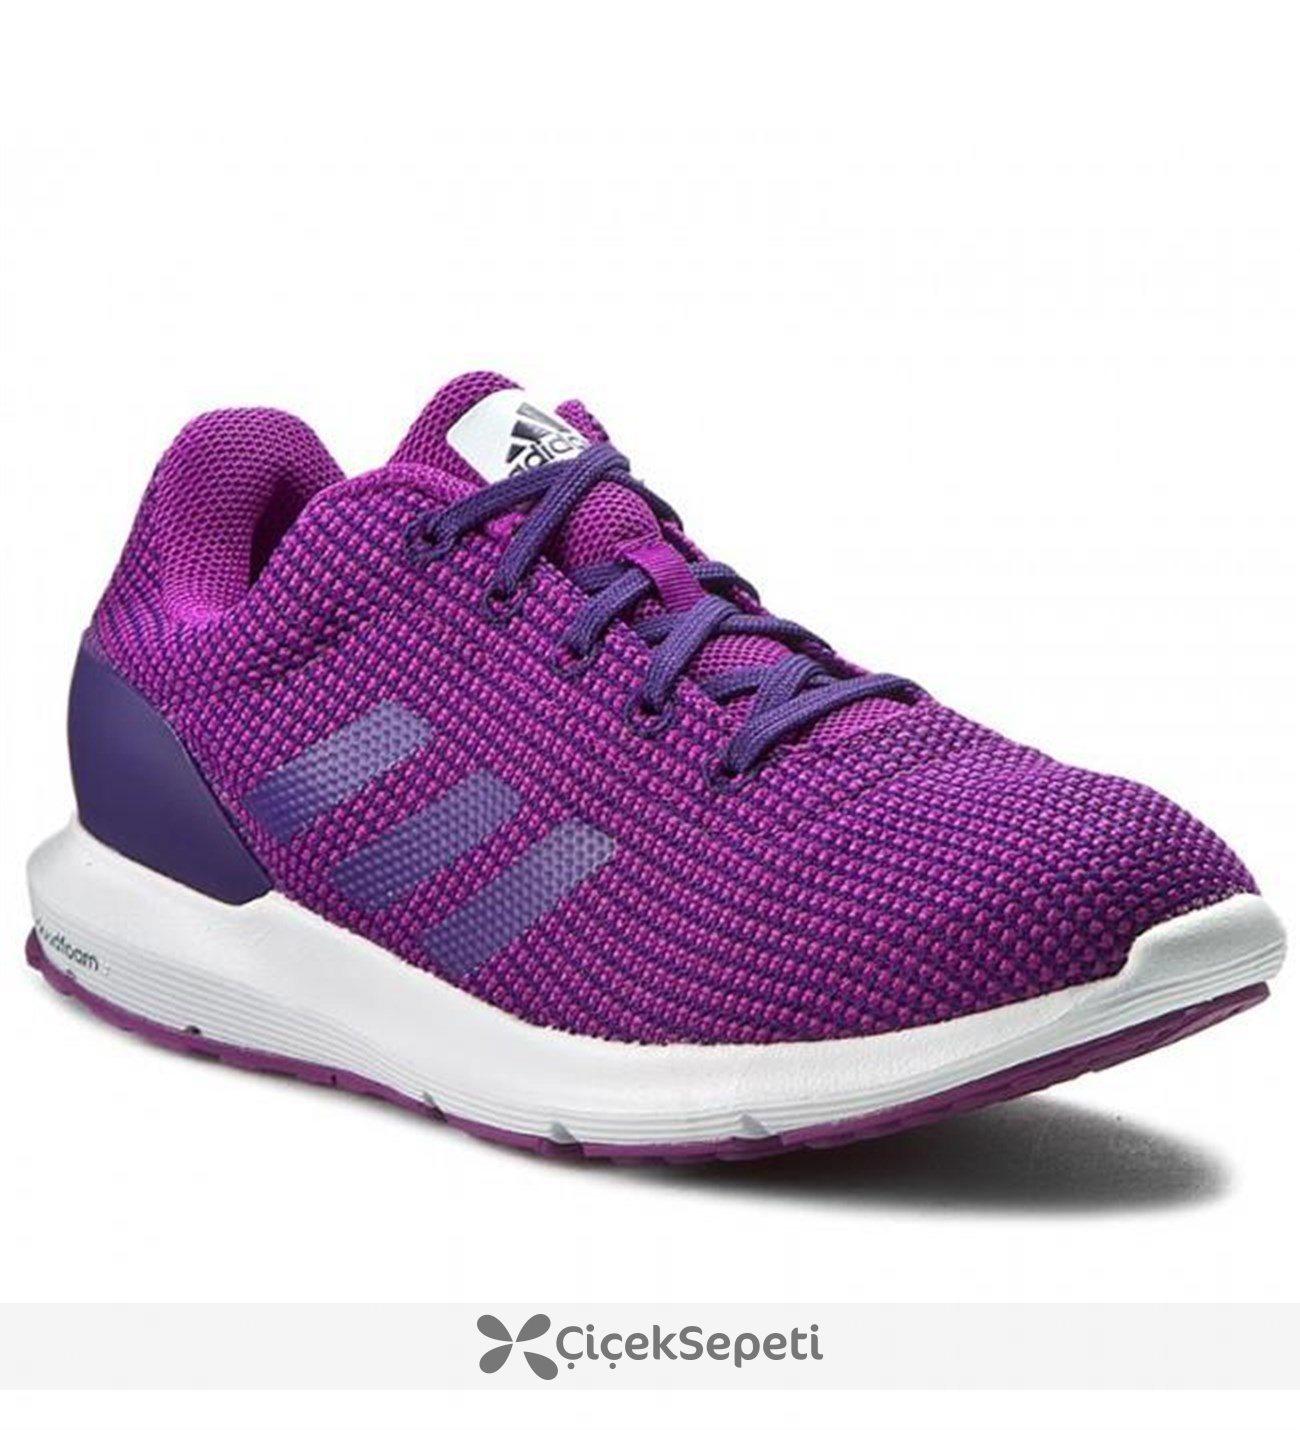 Adidas Spor Bayan Ayakkabı Modelleri fiyatları